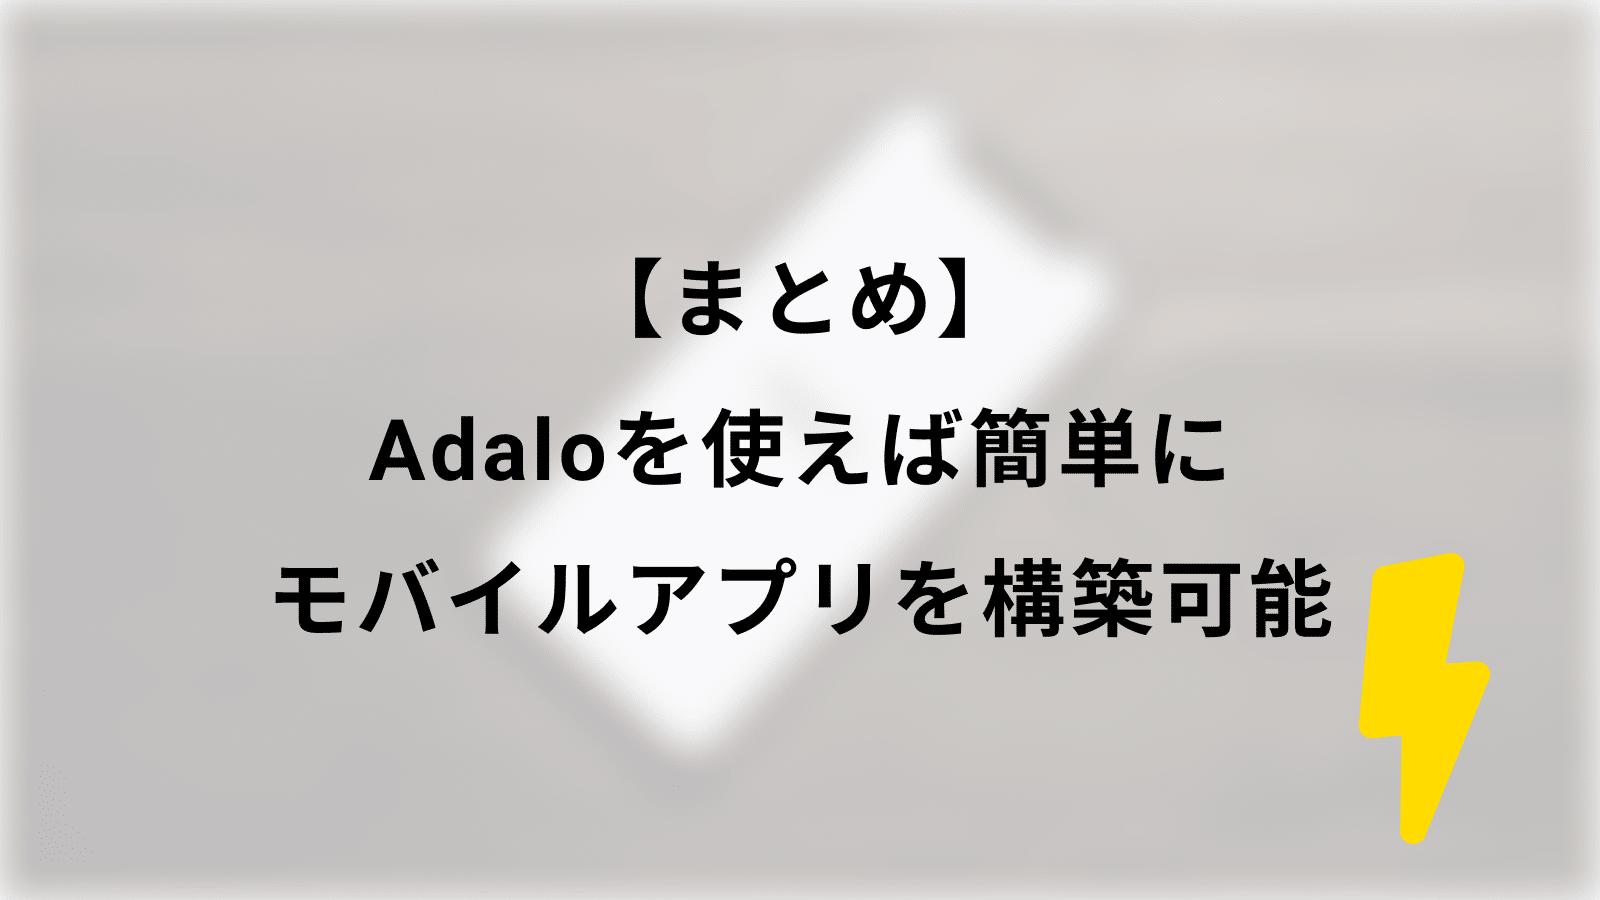 【まとめ】Adaloを使えば簡単にモバイルアプリを構築可能